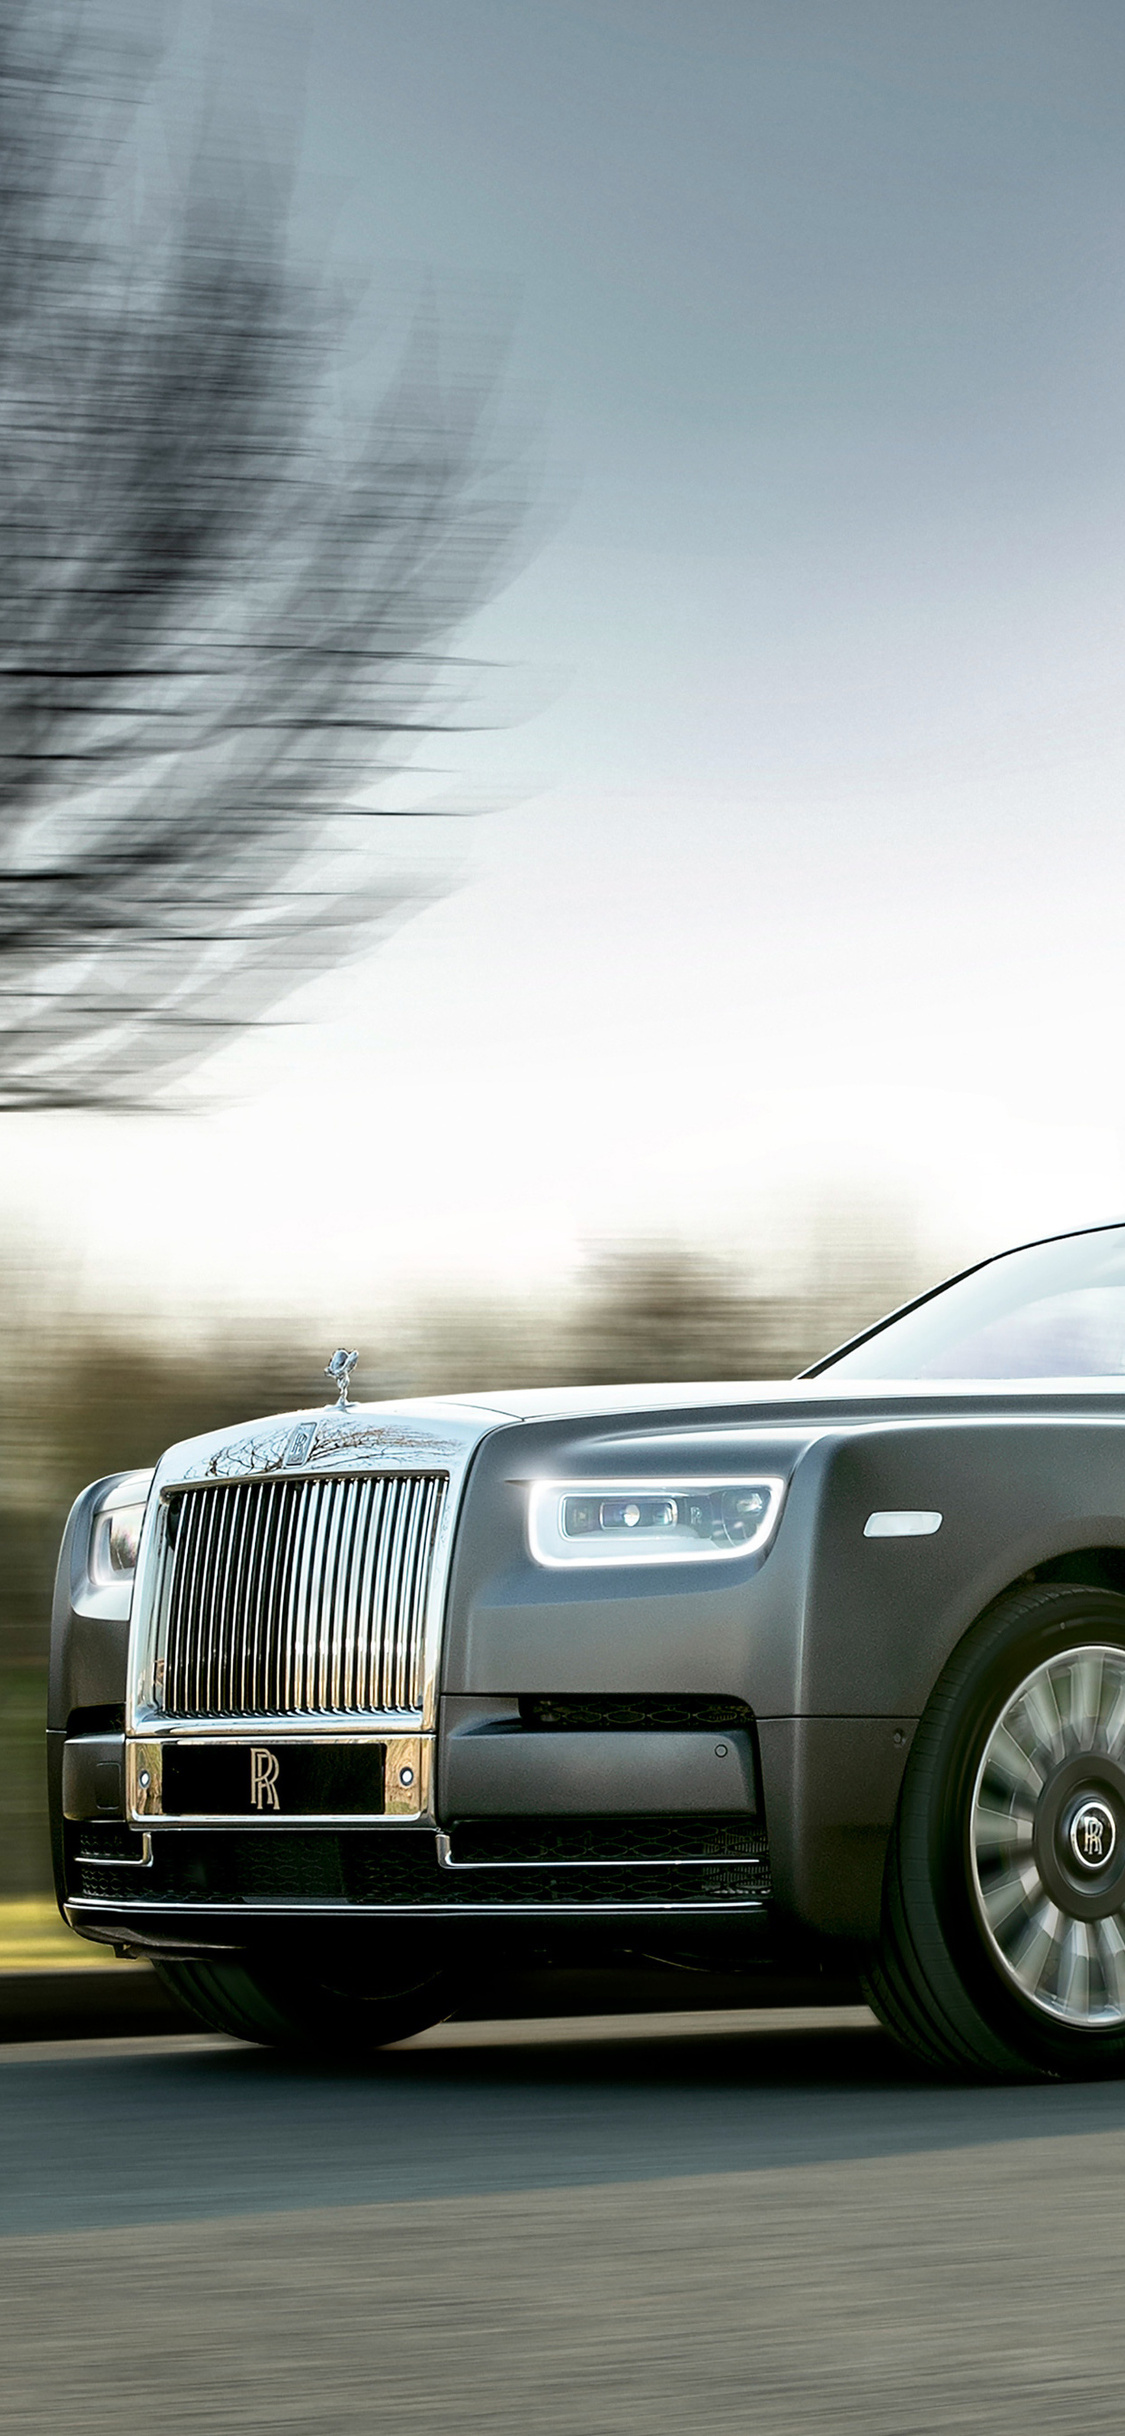 1125x2436 2018 Rolls Royce Phantom The Gentlemans Tourer Iphone Xs